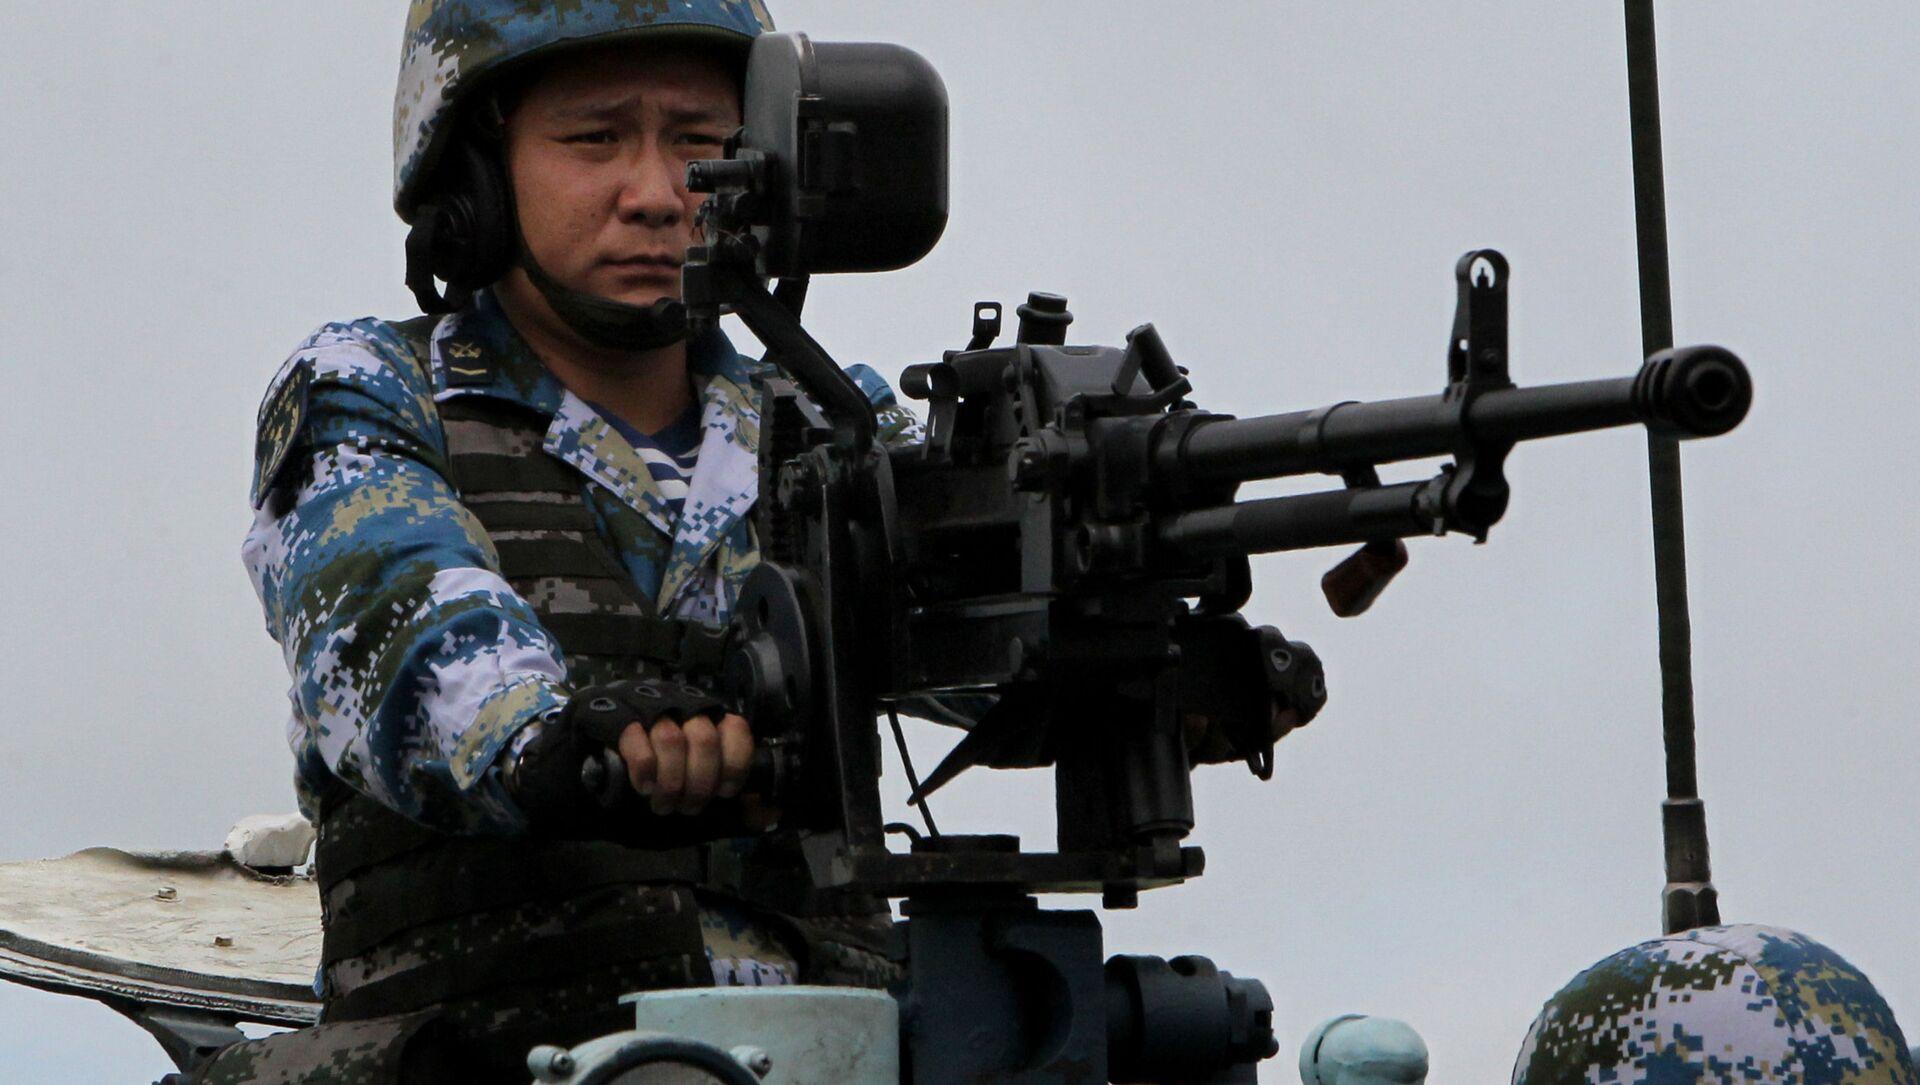 Một lính thủy đánh bộ Trung Quốc đổ bộ trong cuộc tập trận hải quân Nga-Trung Tương tác hàng hải 2015 tại bãi tập Thư ký ở Lãnh thổ Primorsky - Sputnik Việt Nam, 1920, 11.08.2021